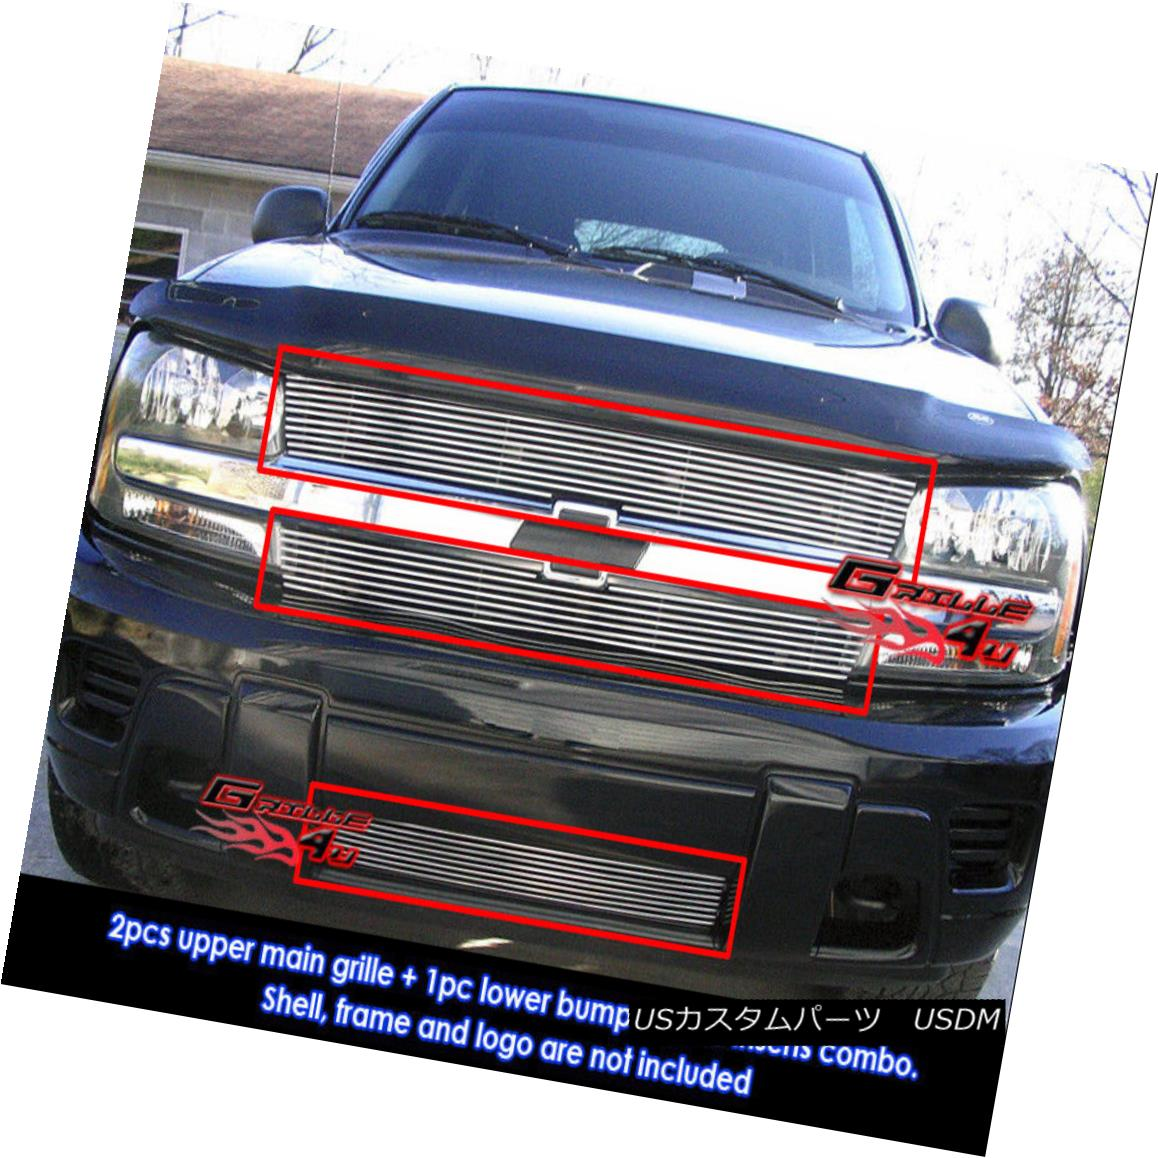 グリル Fits 2002-2005 Chevy Trailblazer LT/LS/SS Billet Grille Combo フィット2002年?2005年シボレートレイルブレイザーLT / LS / SSビレットグリルコンボ